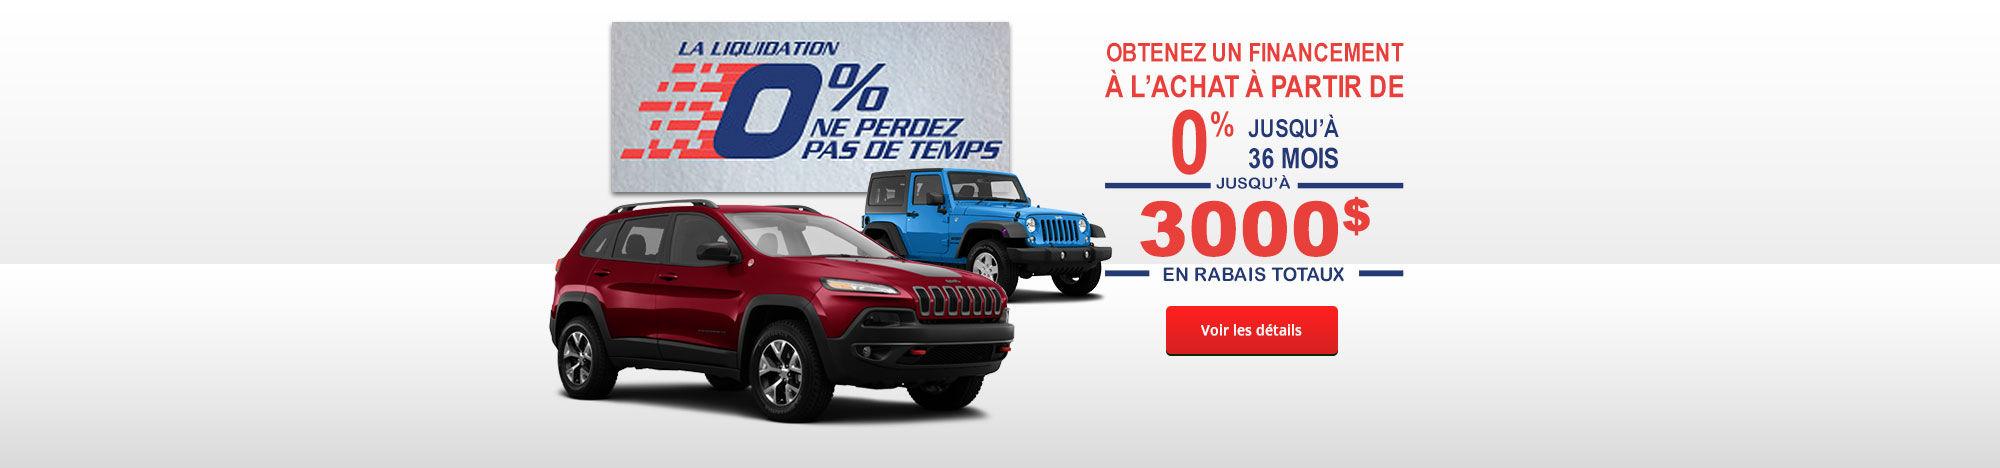 Liquidation ne perdez pas de temps Jeep Promo Septembre